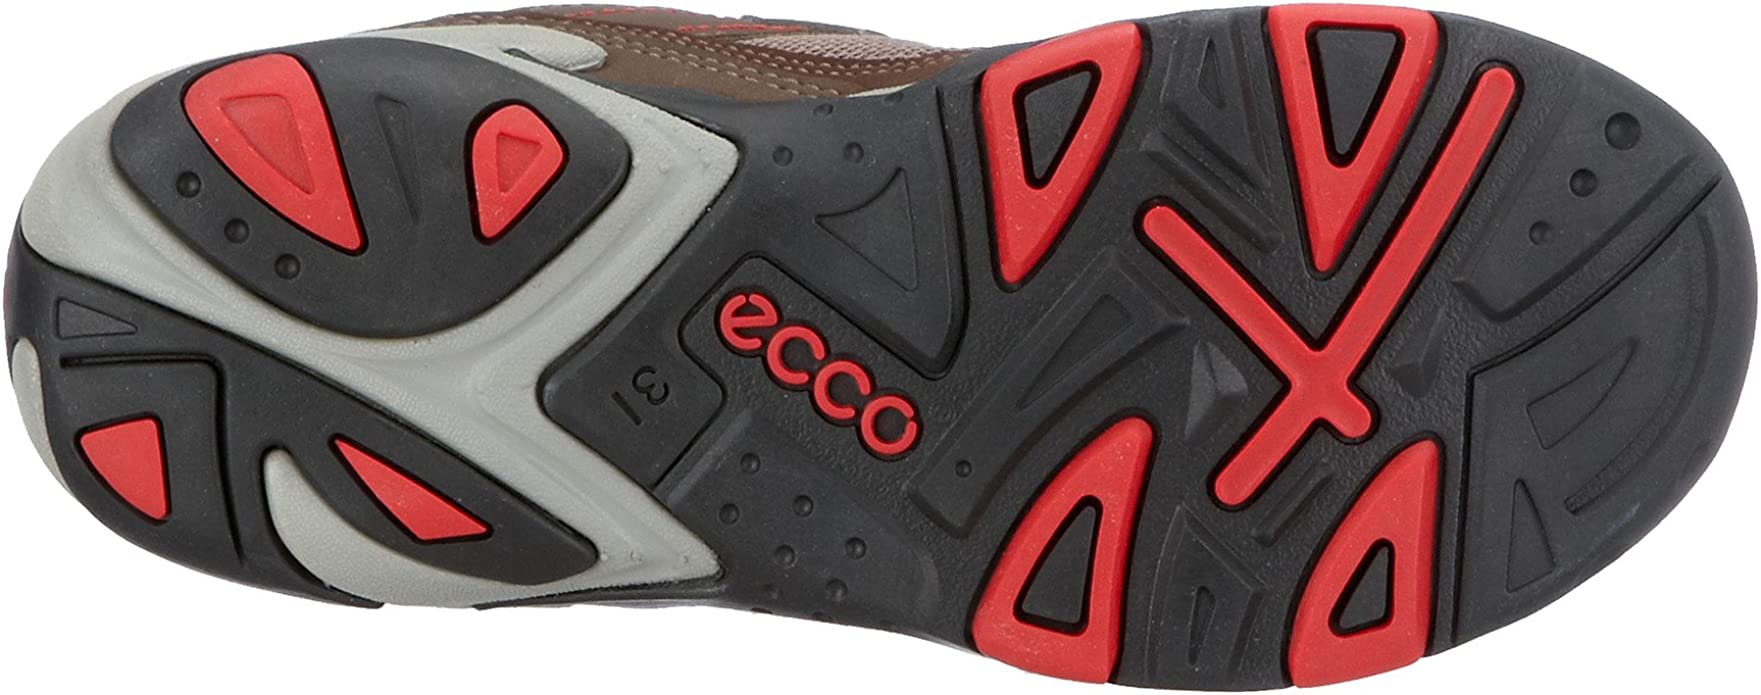 Ecco Boomerang Wombat - Mocasines para niños, Color marrón, Talla ...